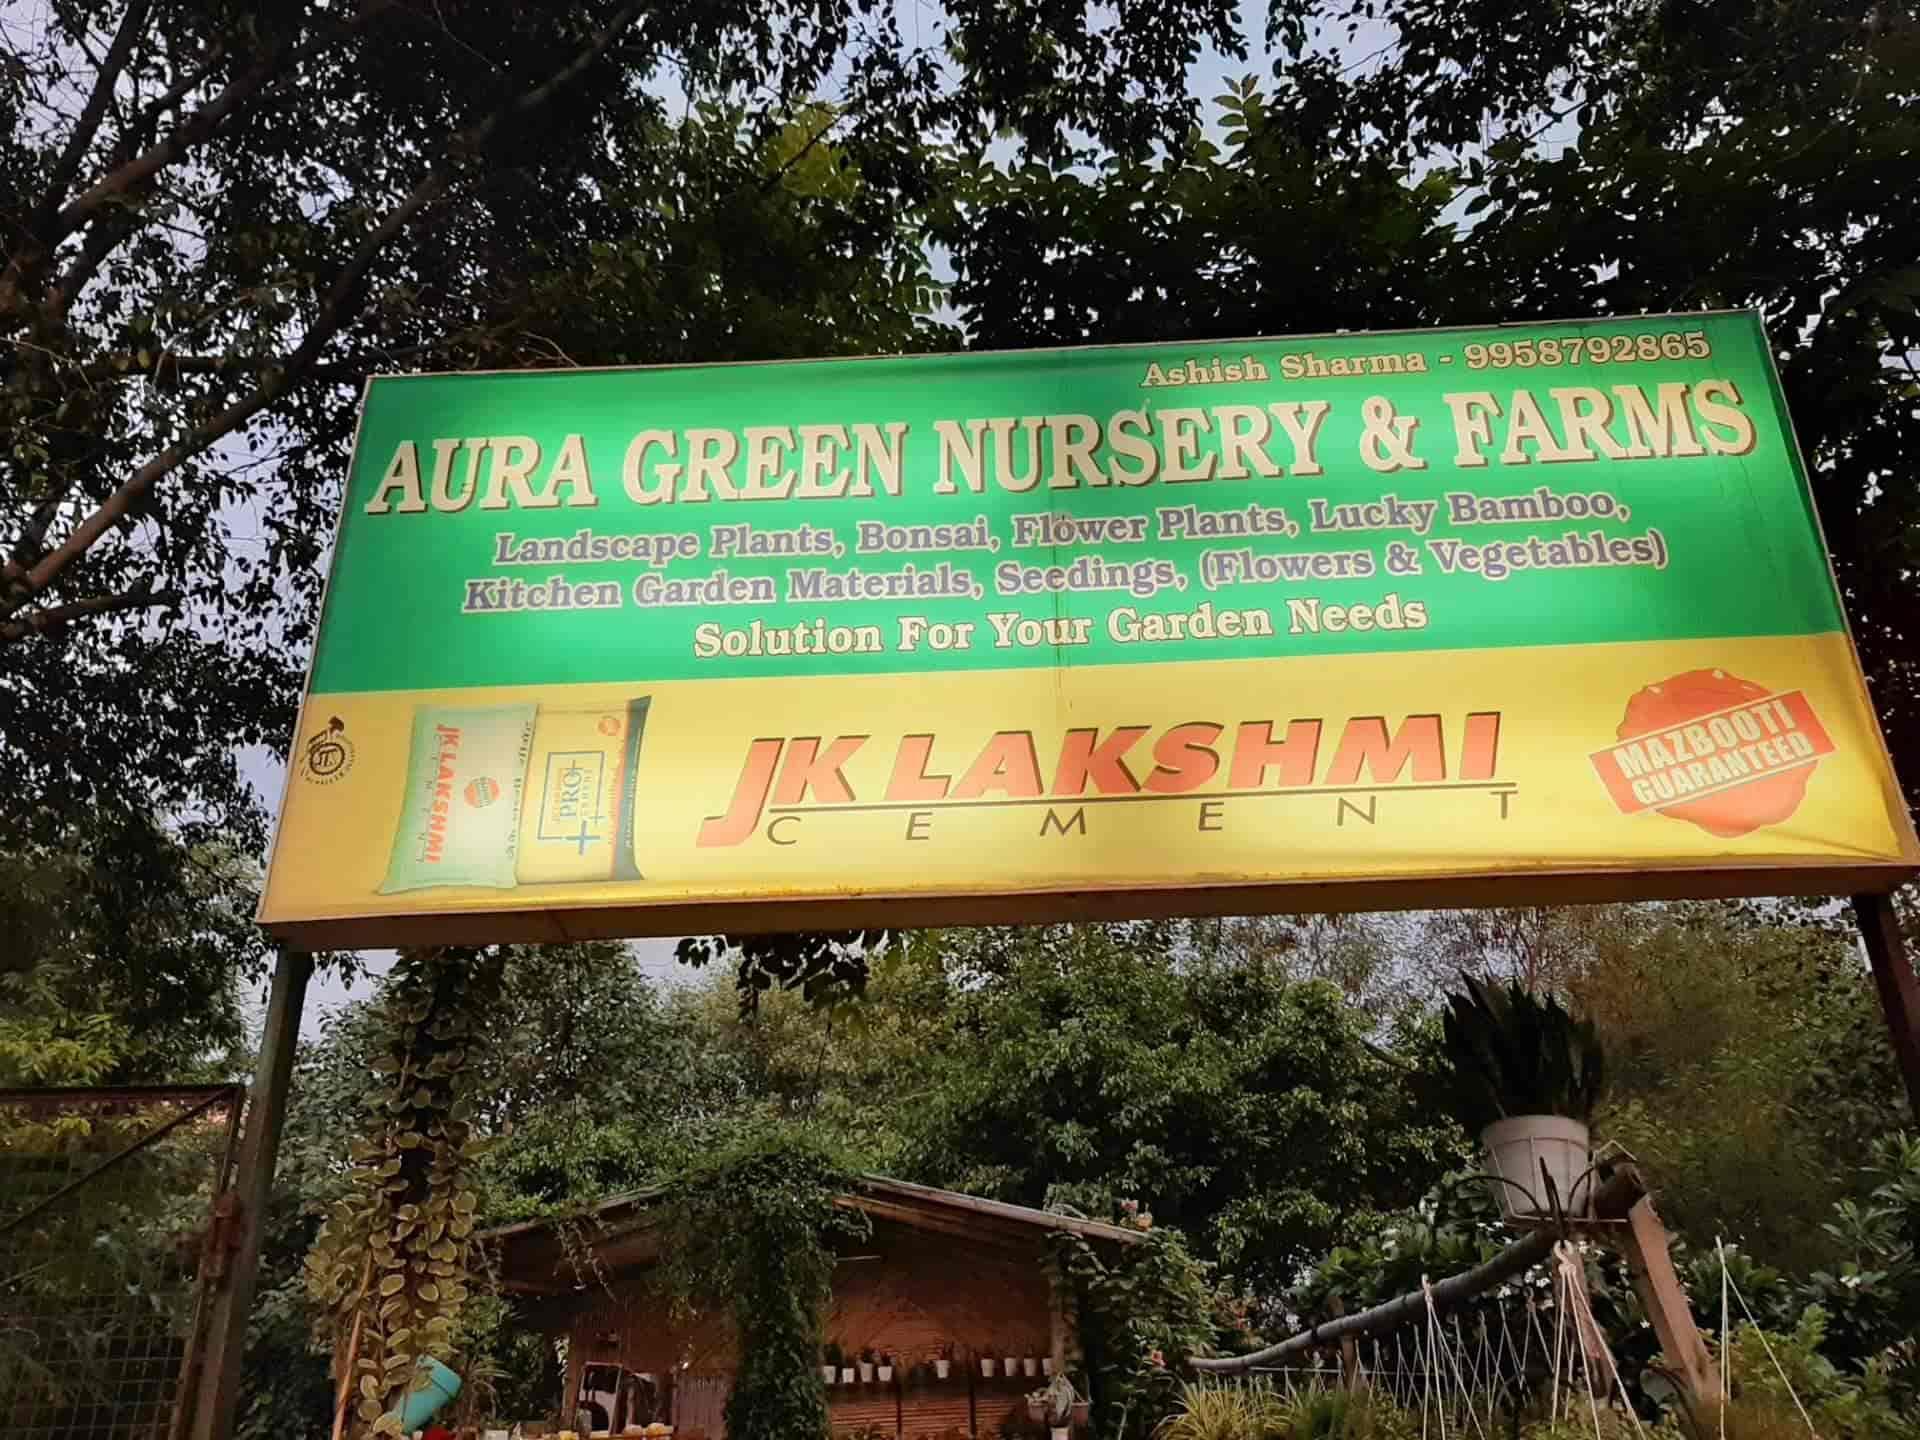 Aura Greens Nursery And Farms, Sahibabad Industrial Area